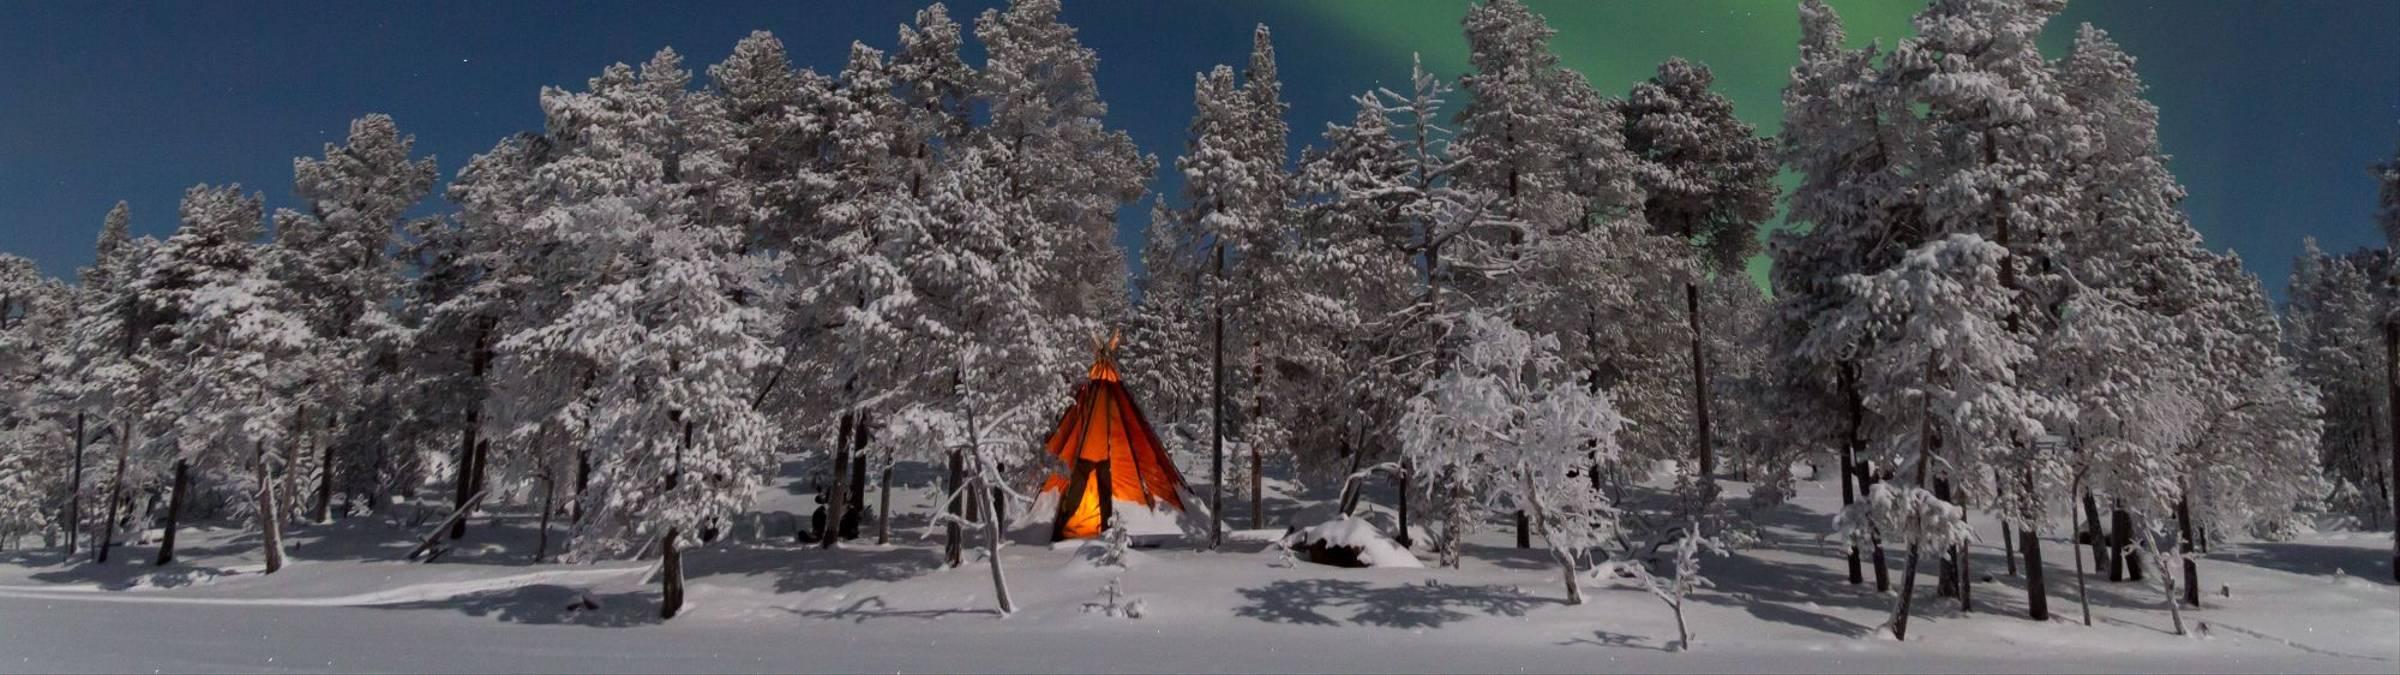 Saariselka Credit Inari-Saariselkä Tourism